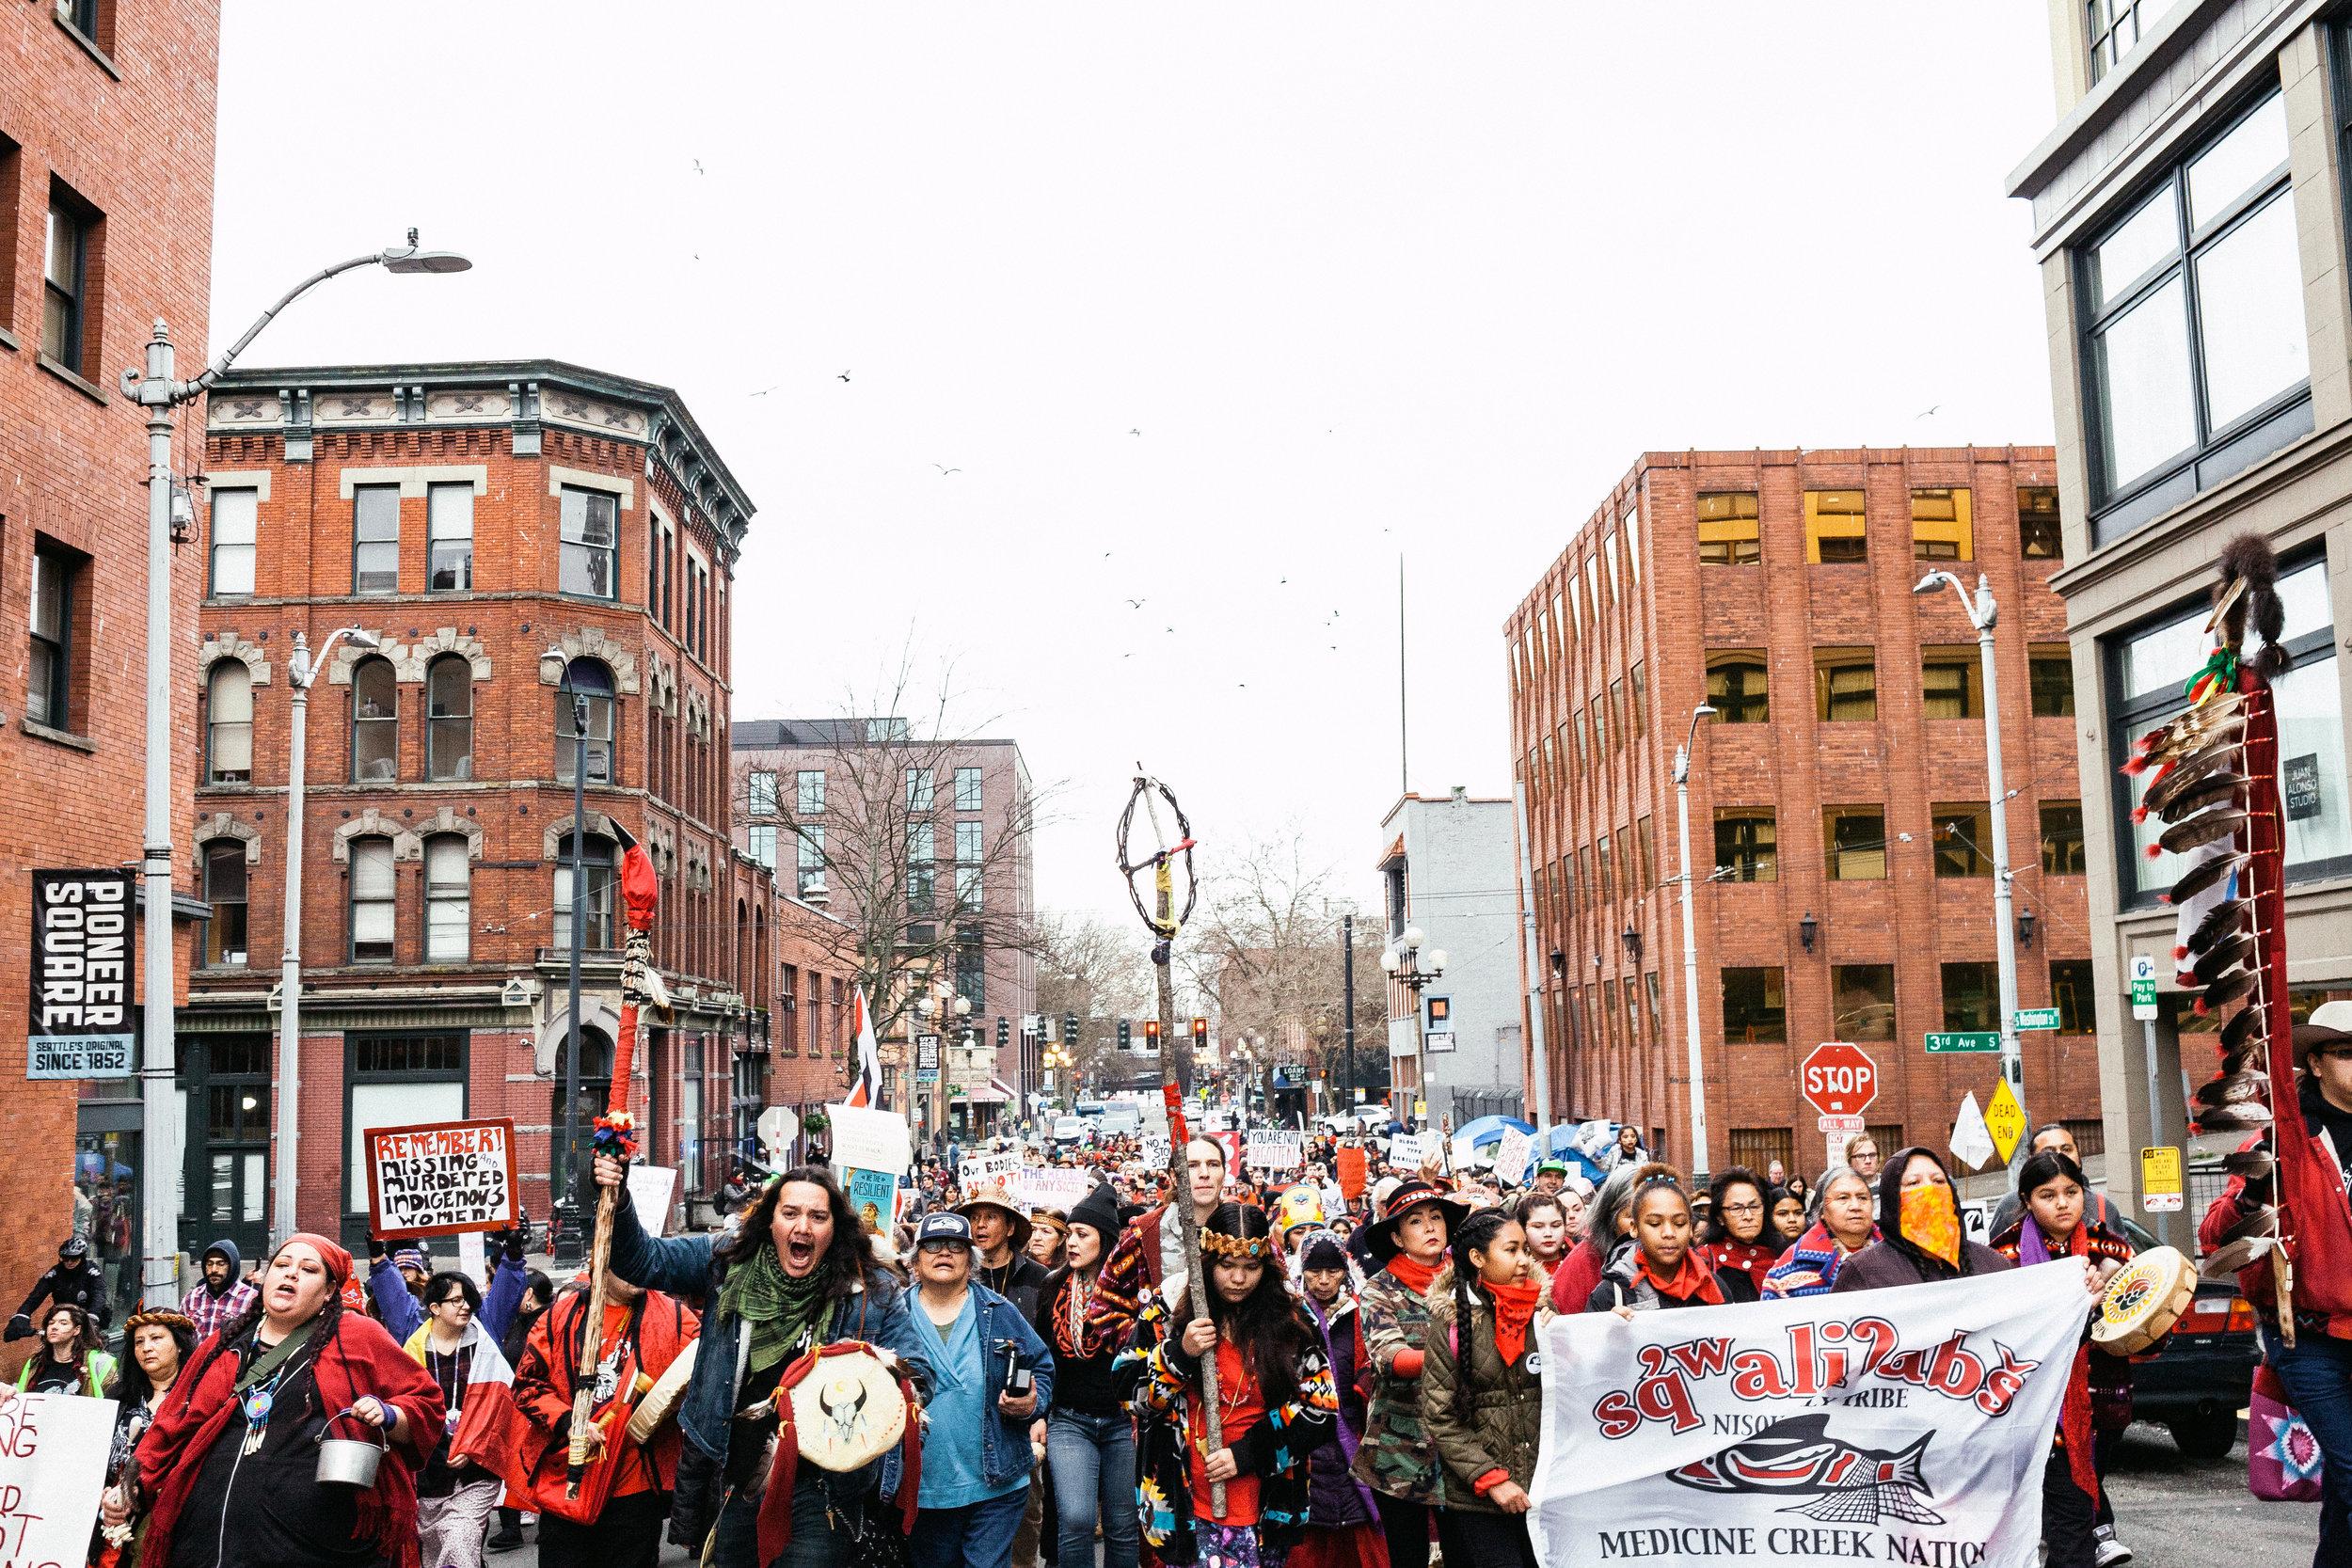 Indigenouswomxnsmarch49.jpg